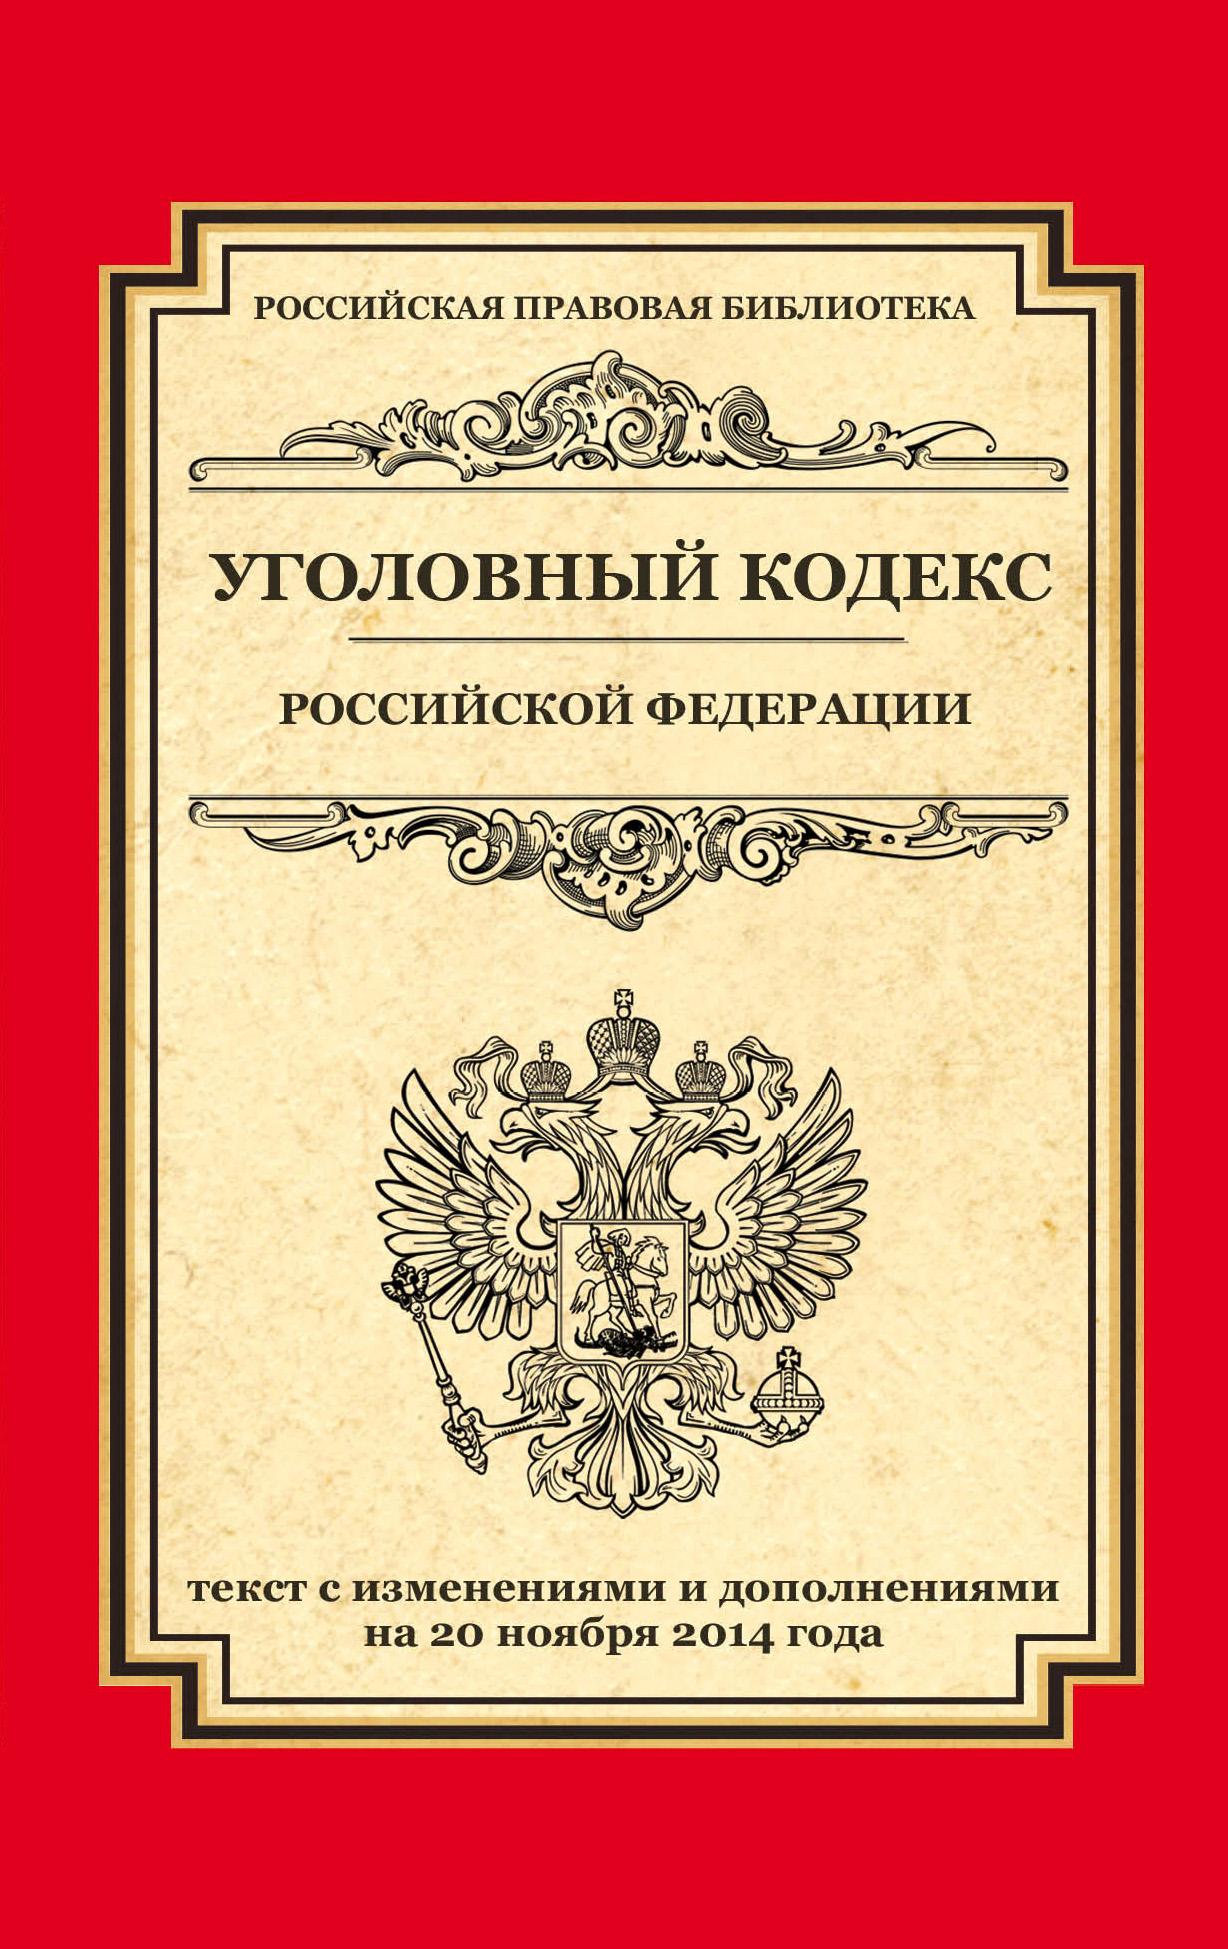 Уголовный кодекс Российской Федерации ( 978-5-699-77921-5 )